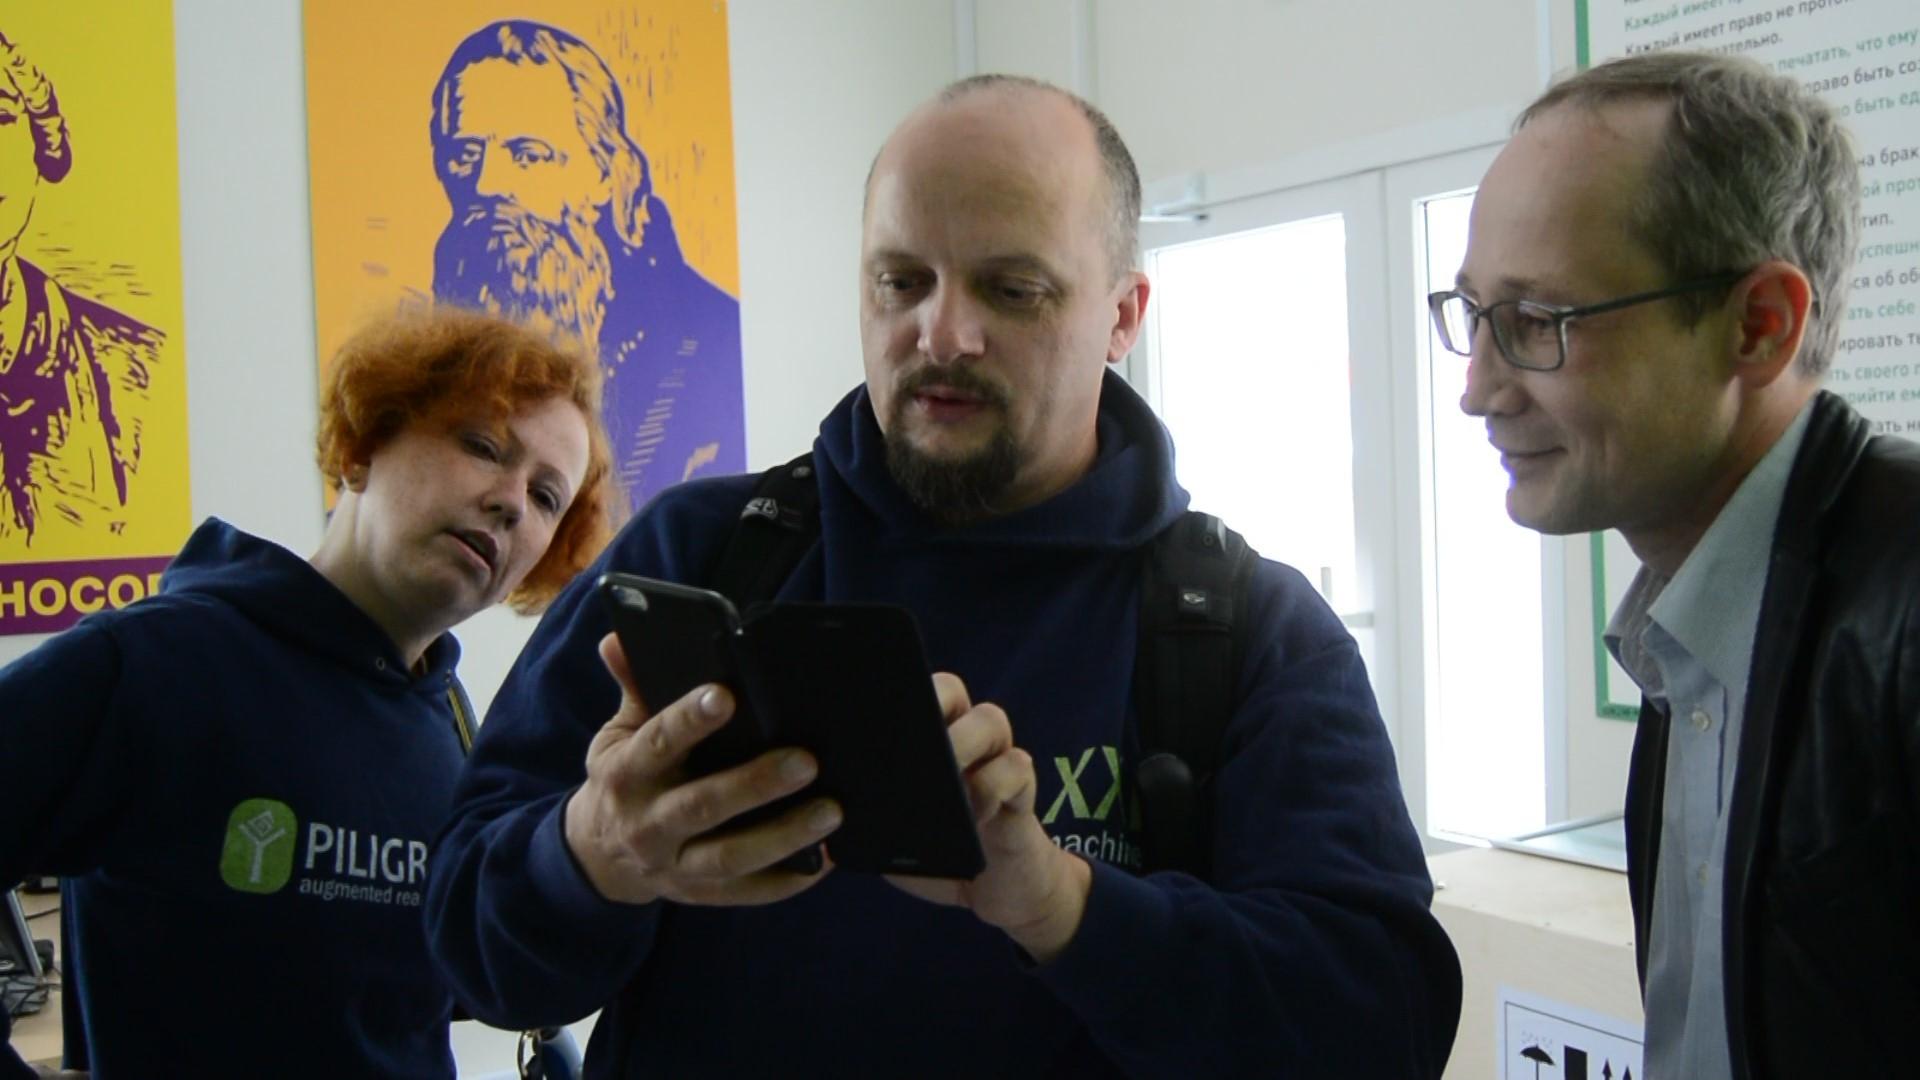 Петербург уходит в виртуальность (Иллюстрация 1 из 6) (Фото: офис  компании Piligrim XXI Автор: Алексей Стрельников)